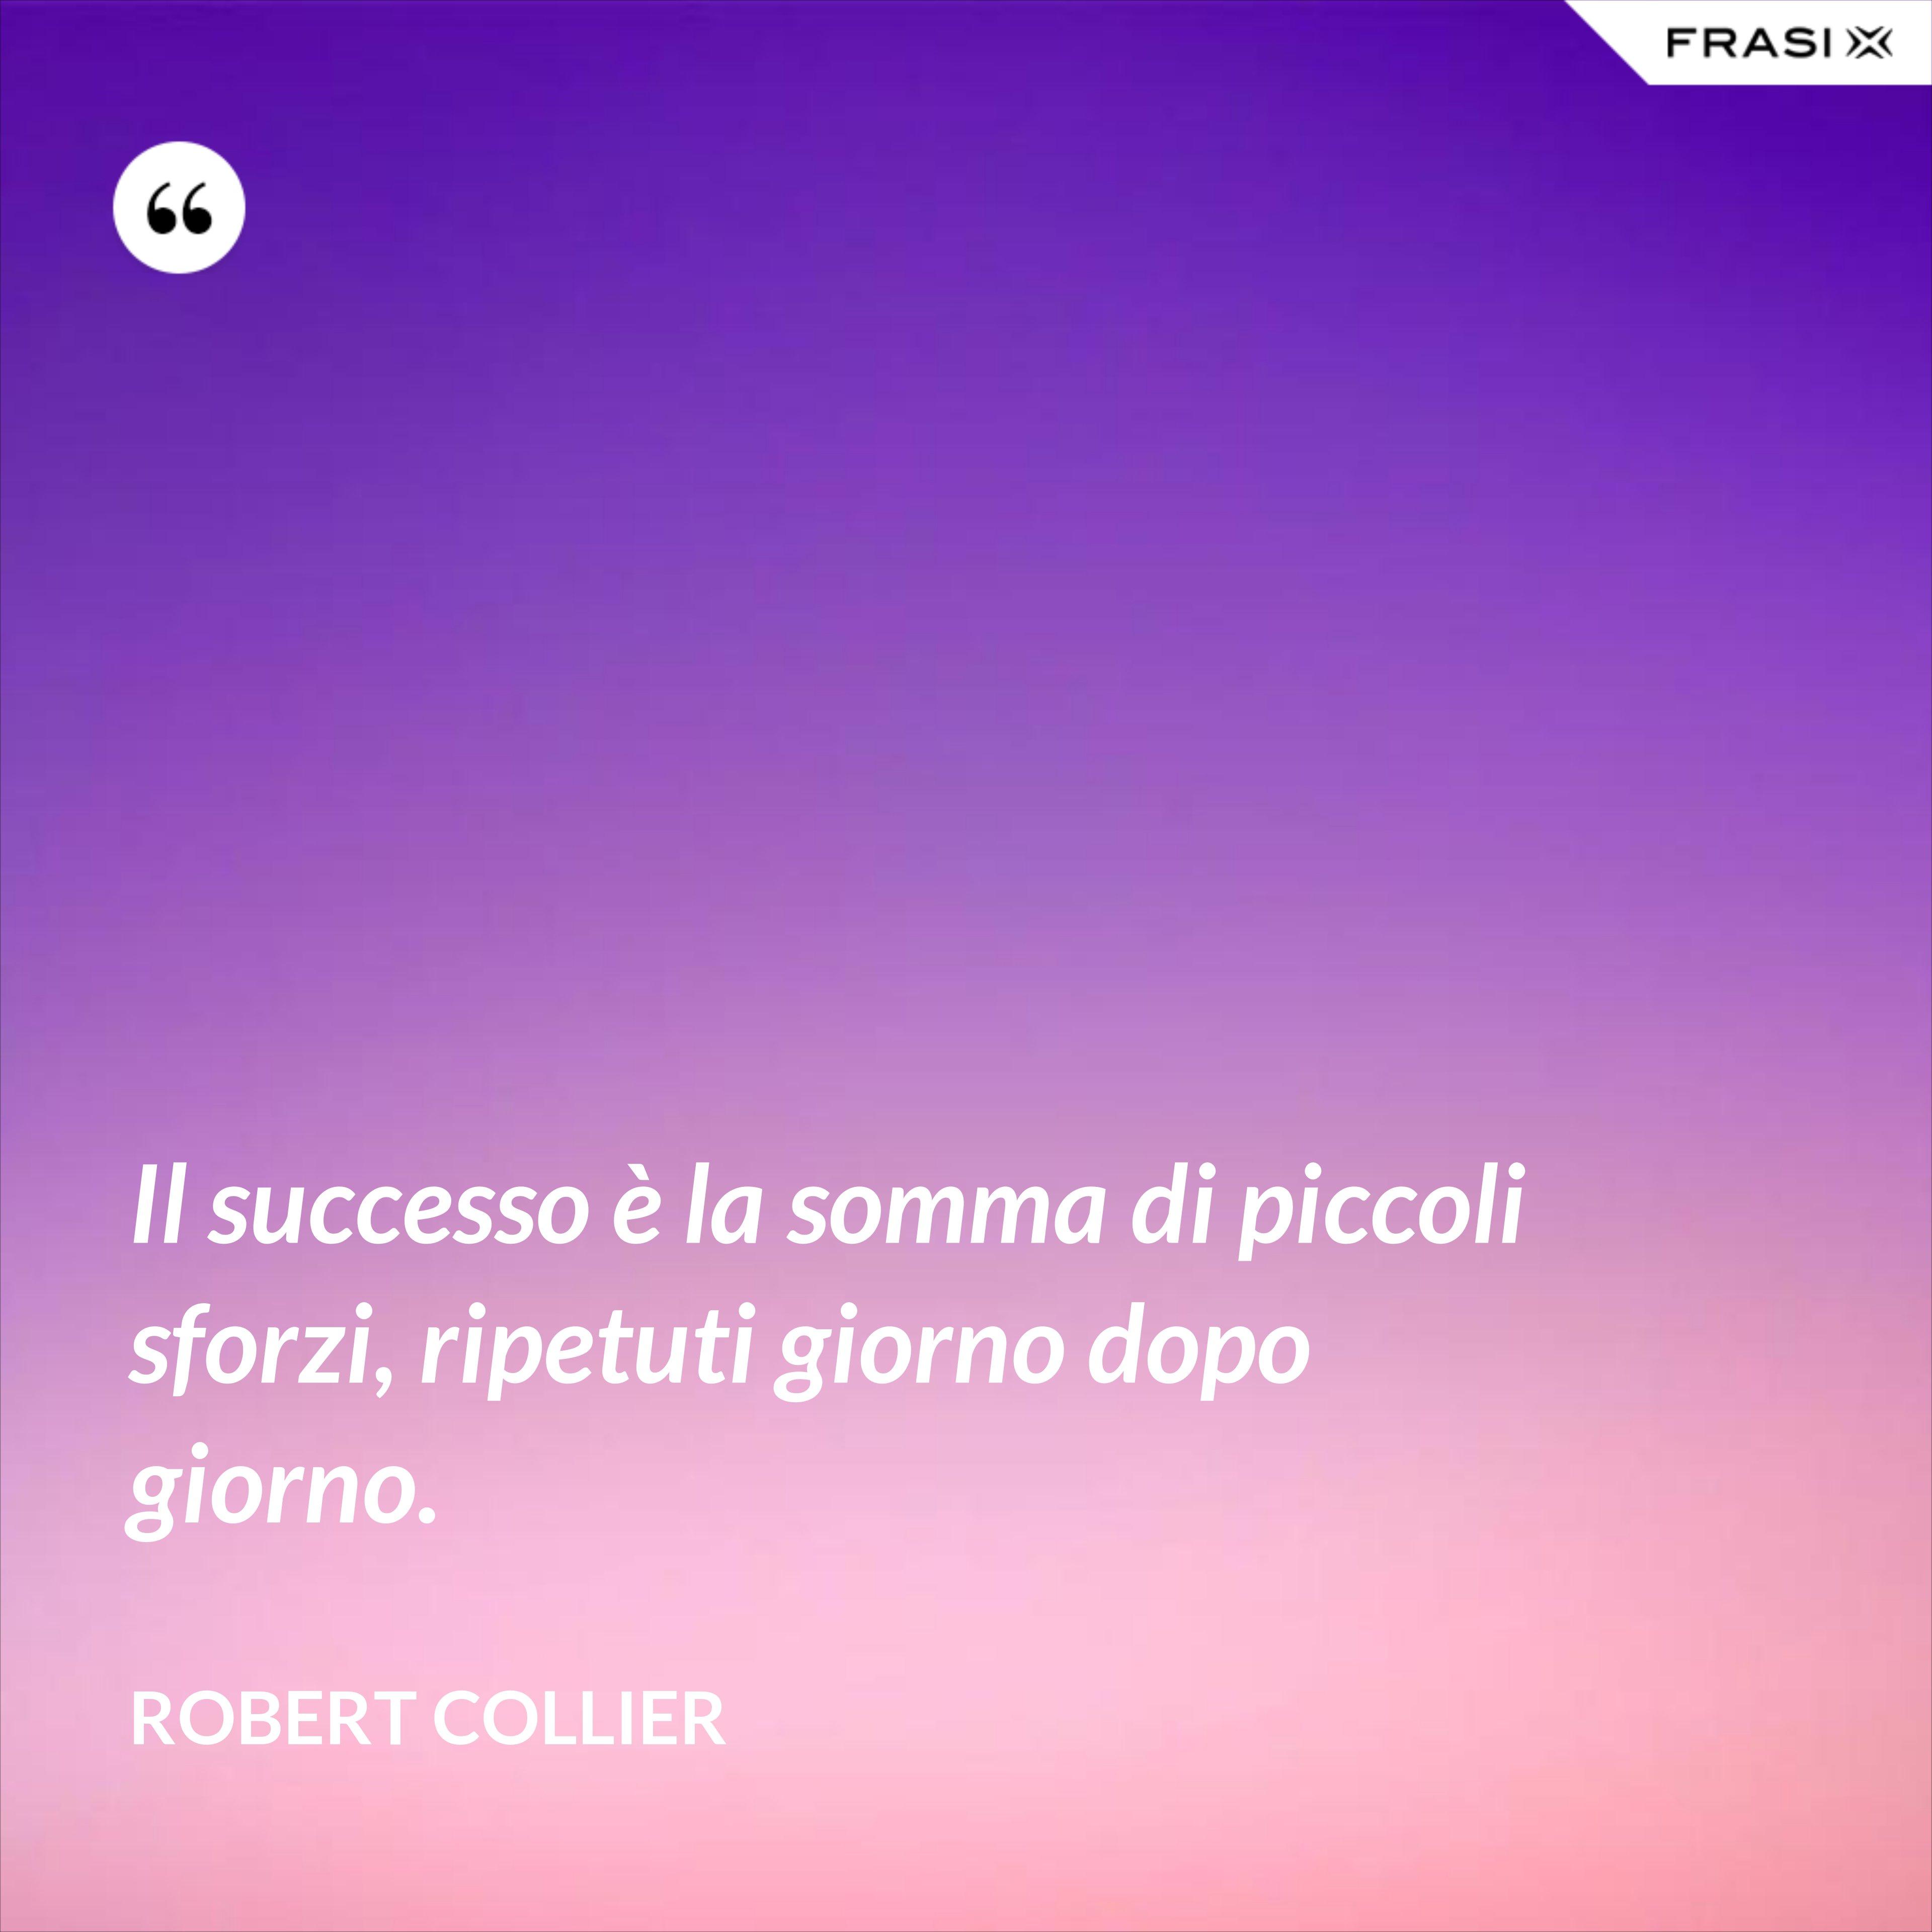 Il successo è la somma di piccoli sforzi, ripetuti giorno dopo giorno. - Robert Collier